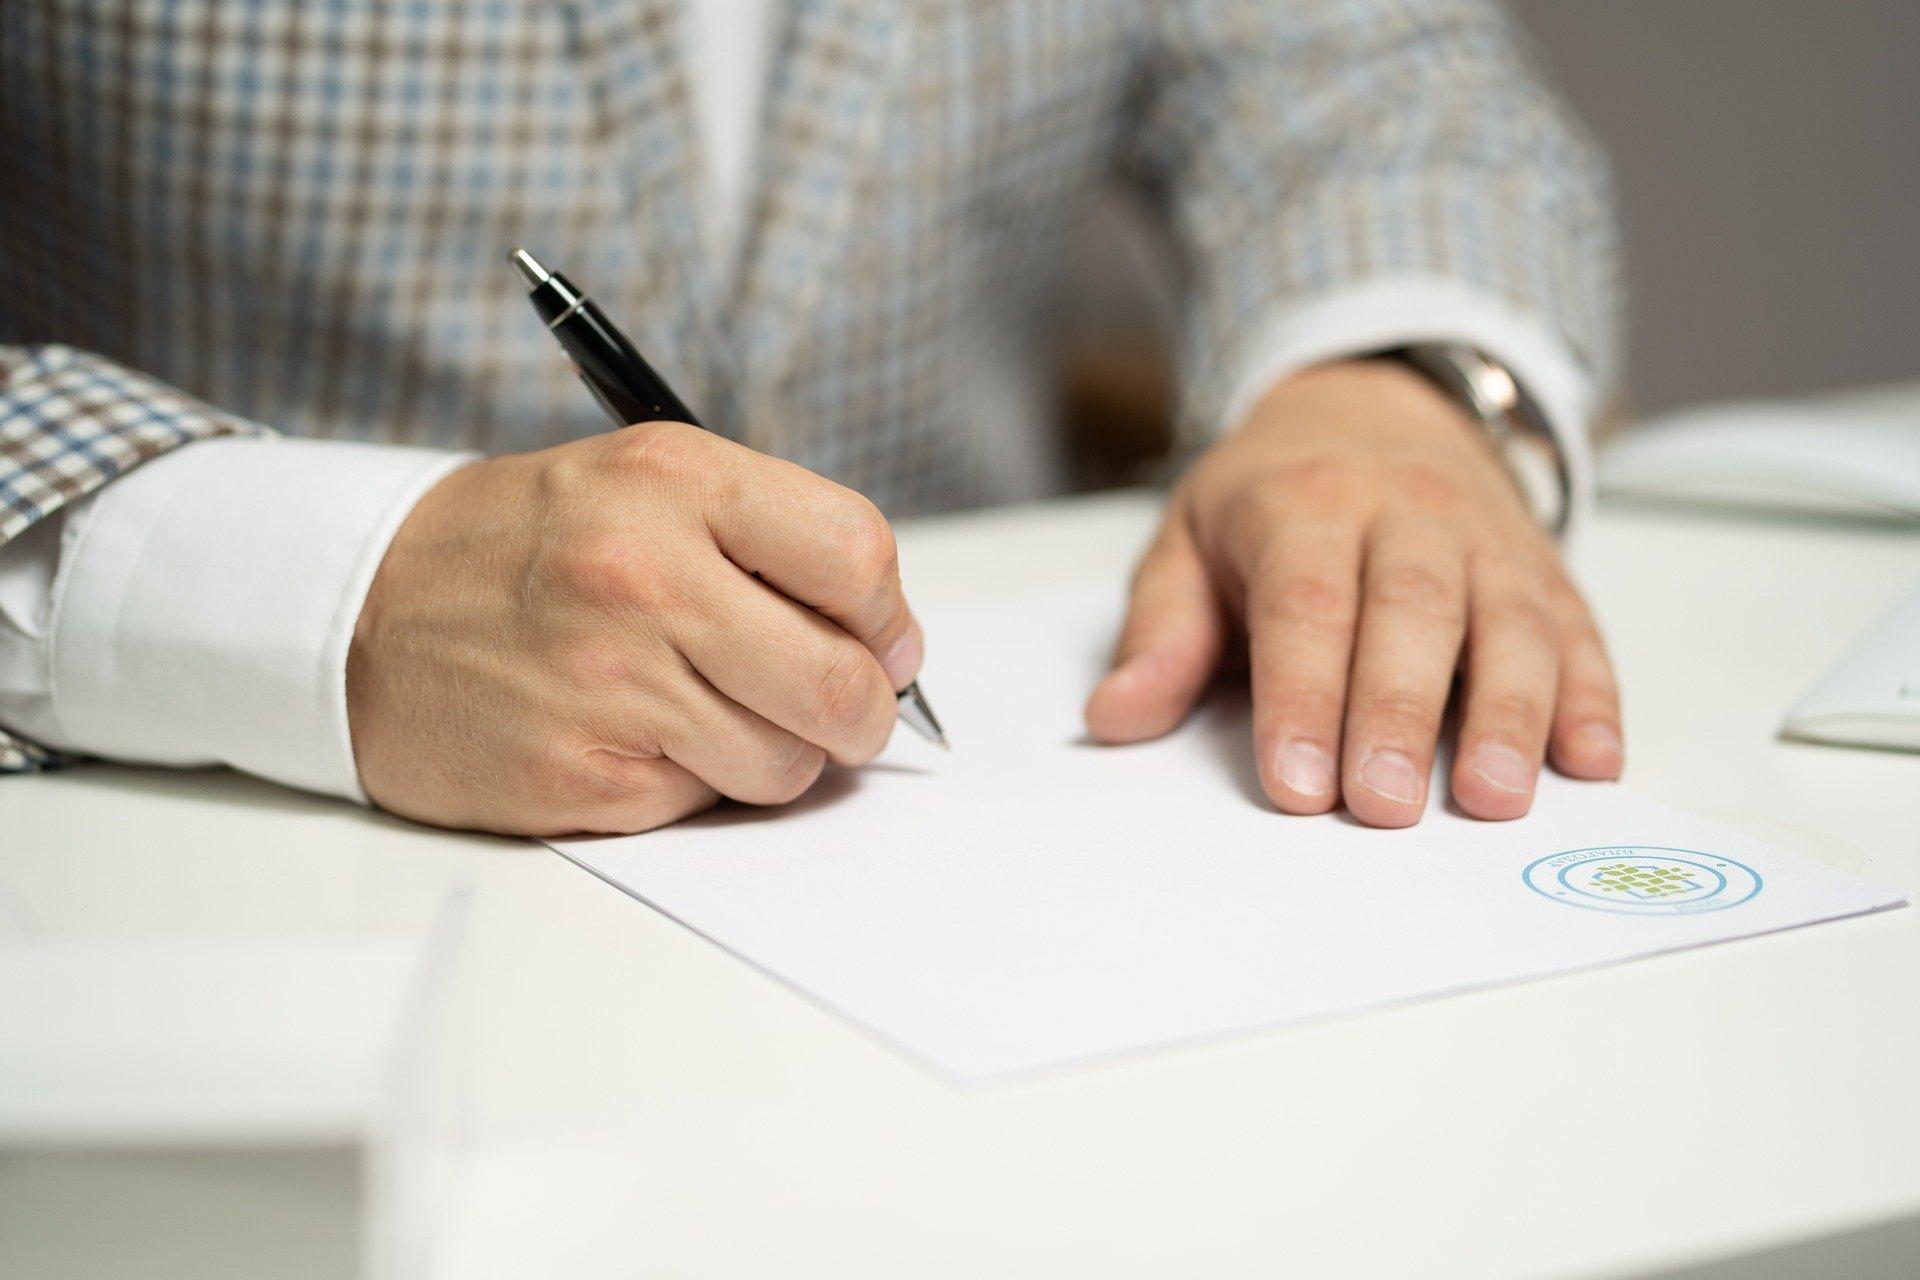 АРИТ внесли в реестр организаций, оказывающих образовательные услуги по охране труда